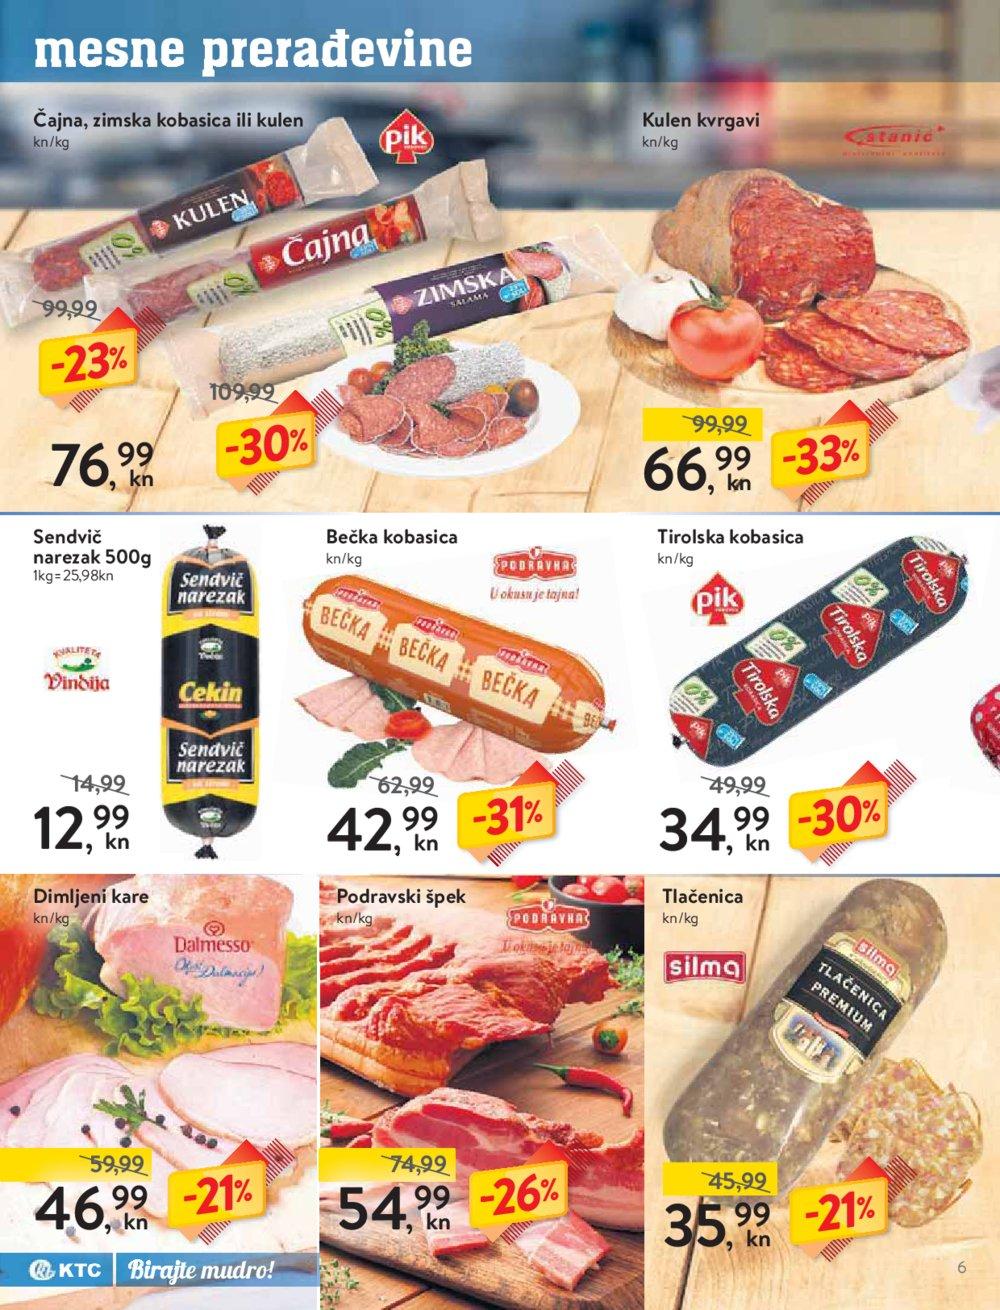 KTC katalog Široka potrošnja 12.09.-18.09.2019.